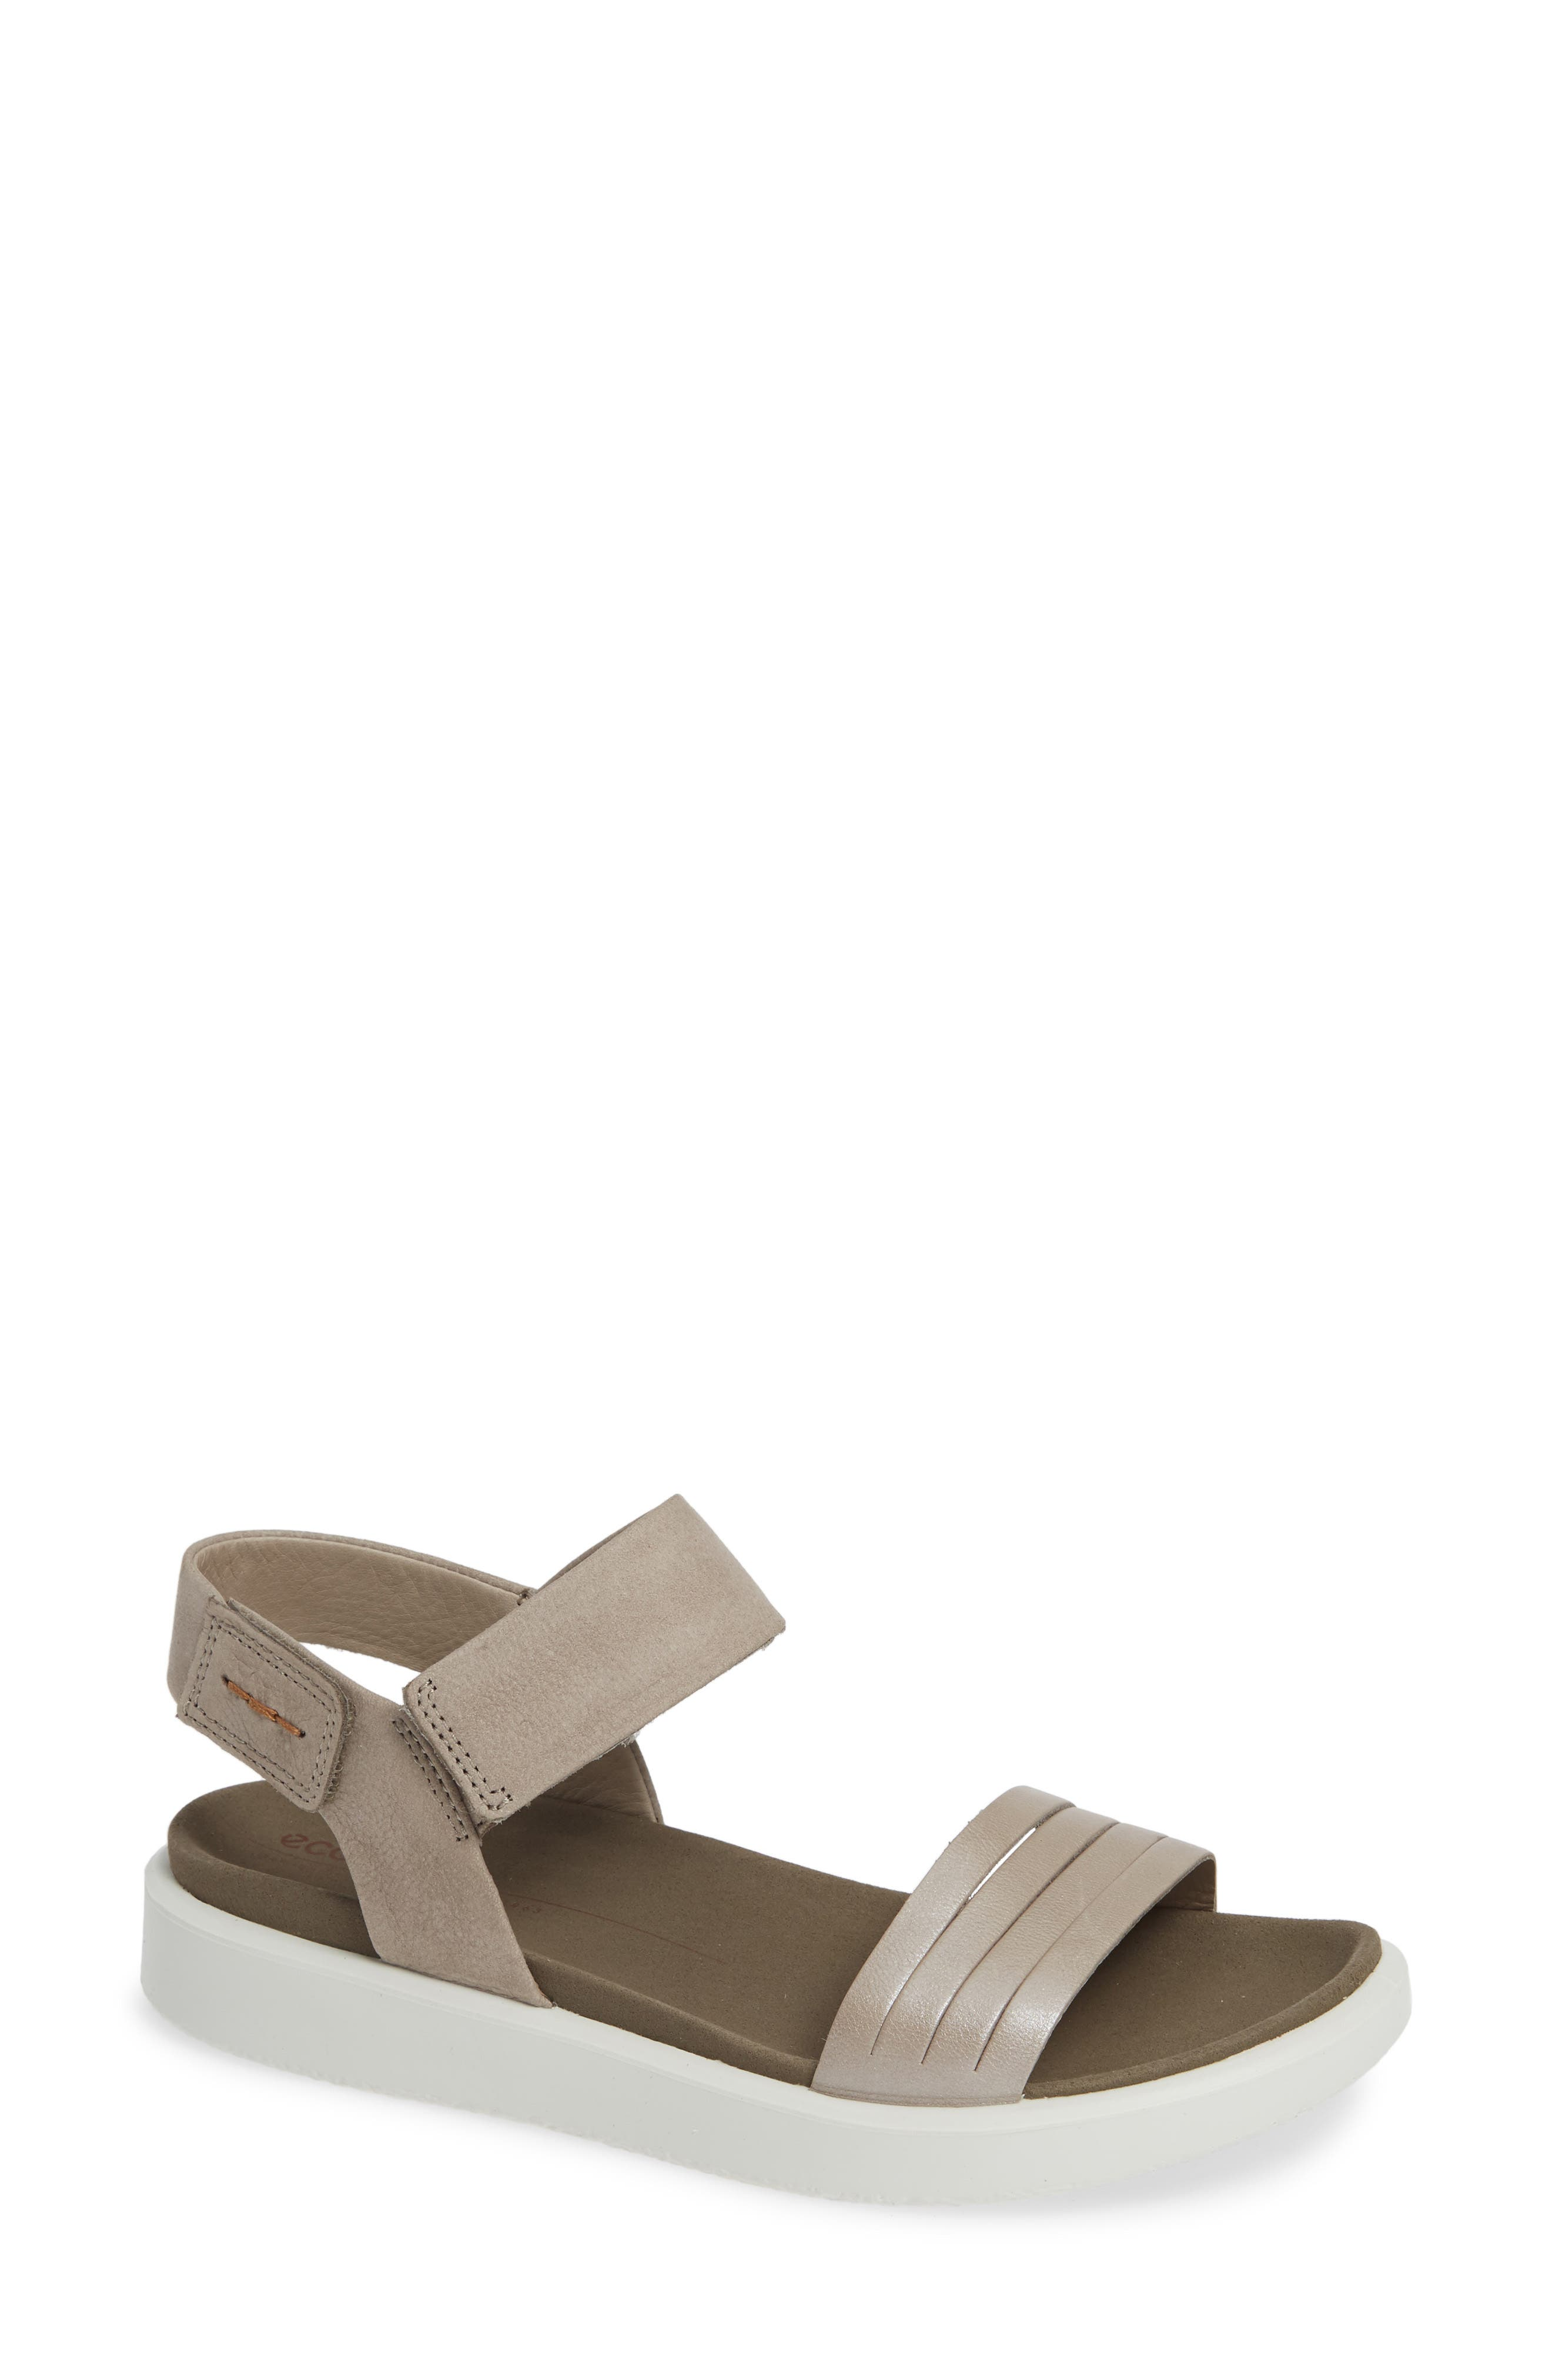 Women's Ecco Flowt Strap Sandal